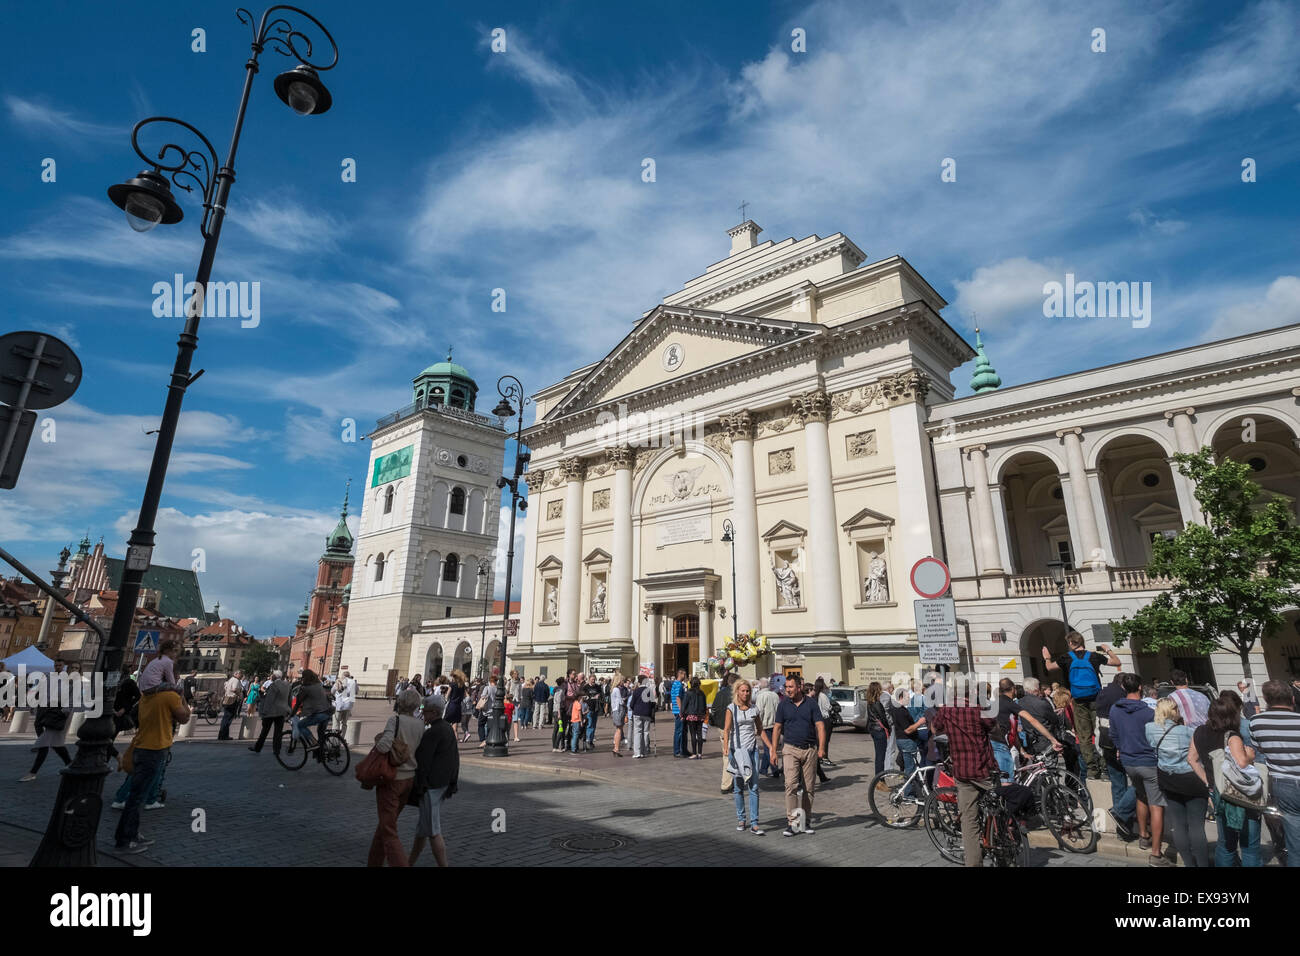 Les touristes marcher sur la rue Krakowskie Przedmiescie, près de St Anne's Church, Varsovie, Pologne Photo Stock